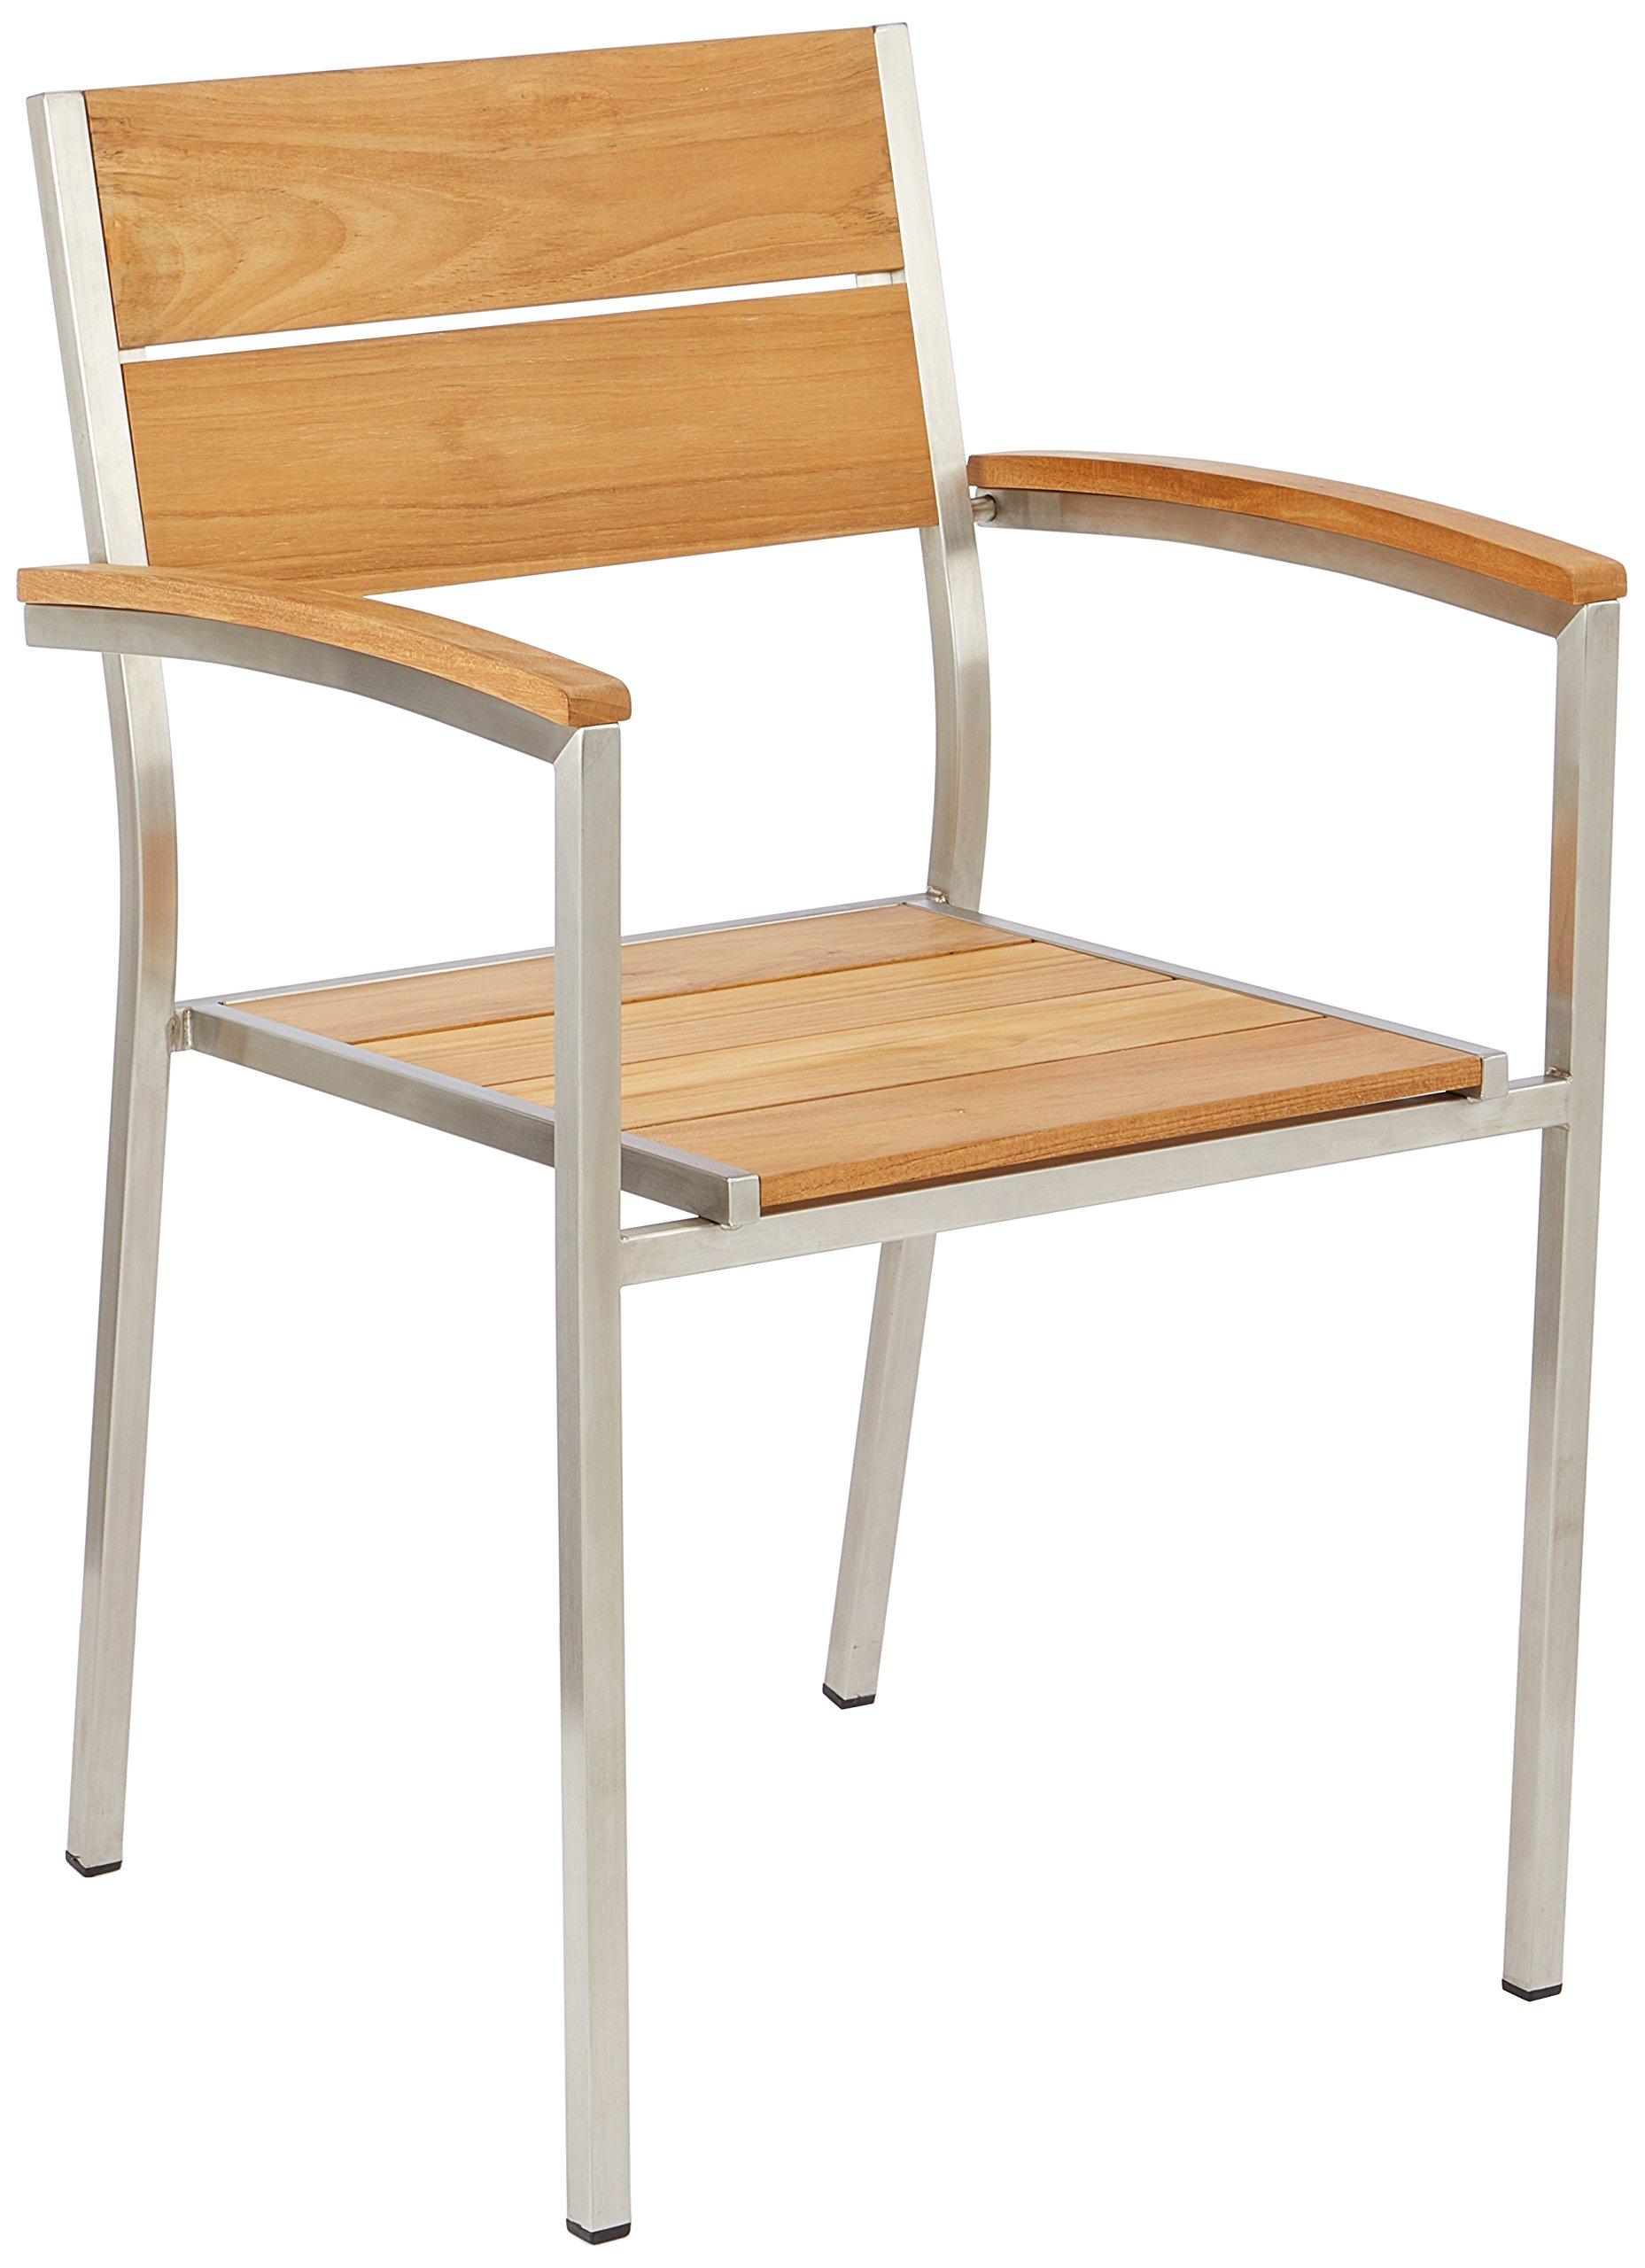 Greemotion 128530 silla de jardín San Diego De Madera de Teca silla apilable de acero inoxidable